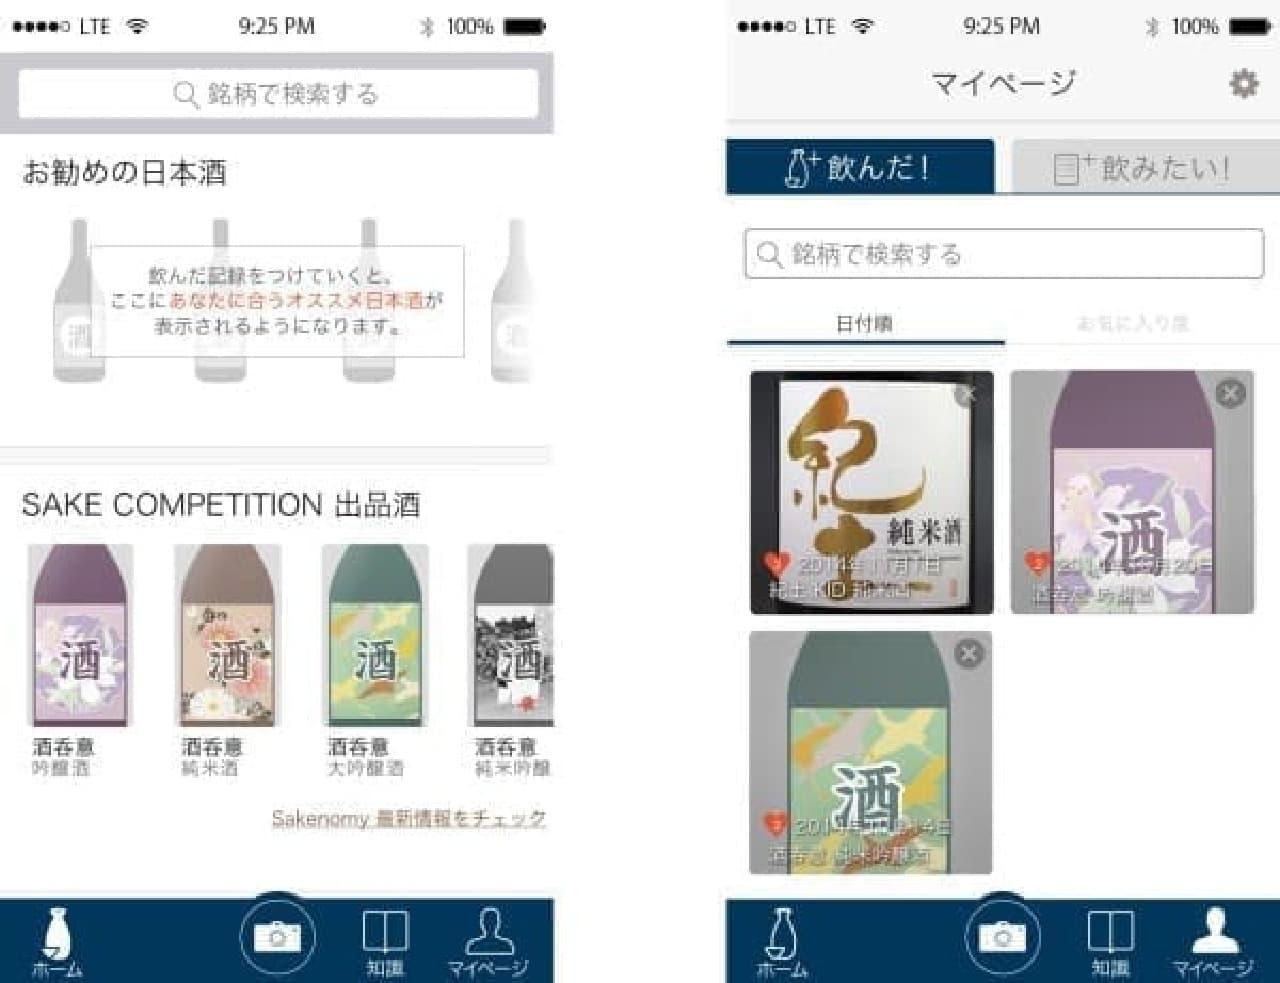 左:アプリがオススメしてくれる日本酒  右:マイページ